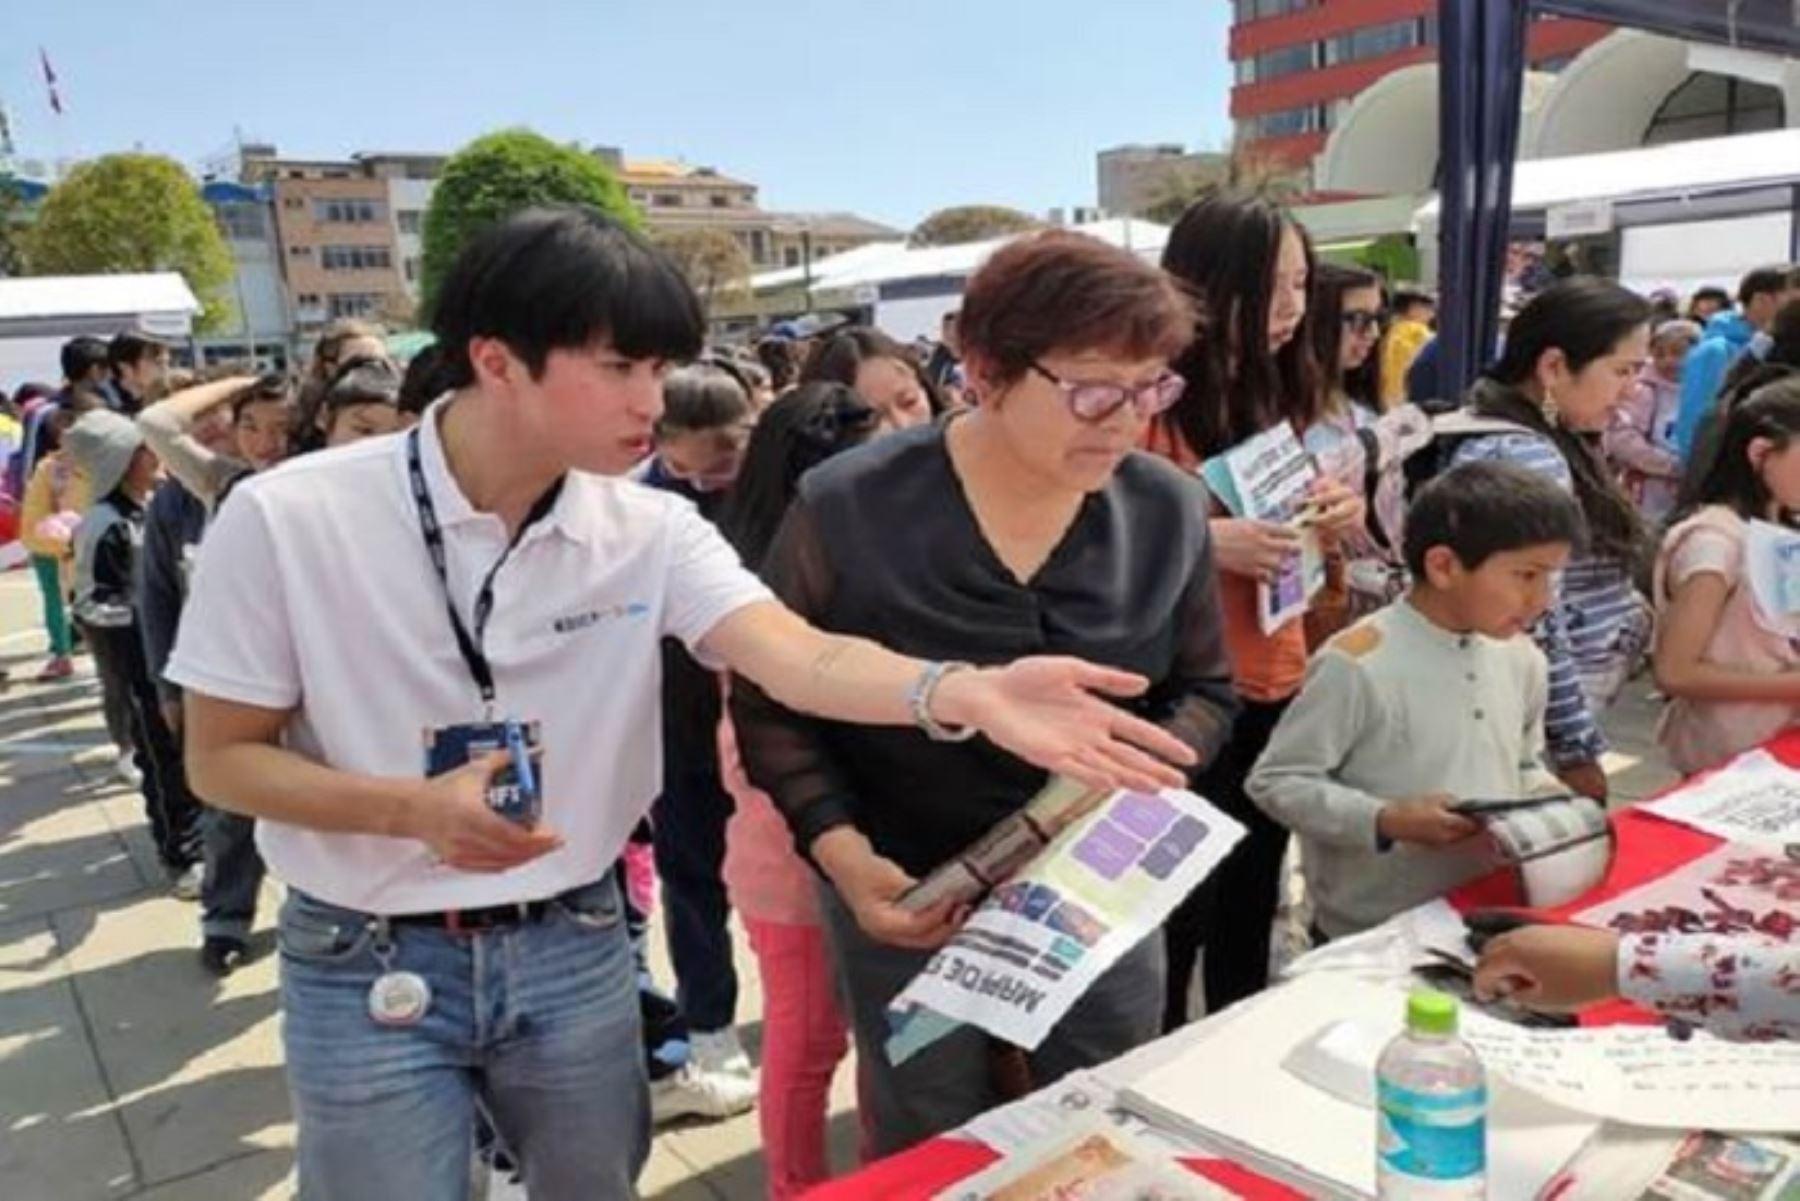 """El Festival """"Huancorea 2019"""" contó con la participación del subdirector de Koica Perú, Saang-keub Lee, quien mencionó que tres voluntarios coreanos están trabajando actualmente en Huancayo y llegará un voluntario más para fines del próximo mes."""